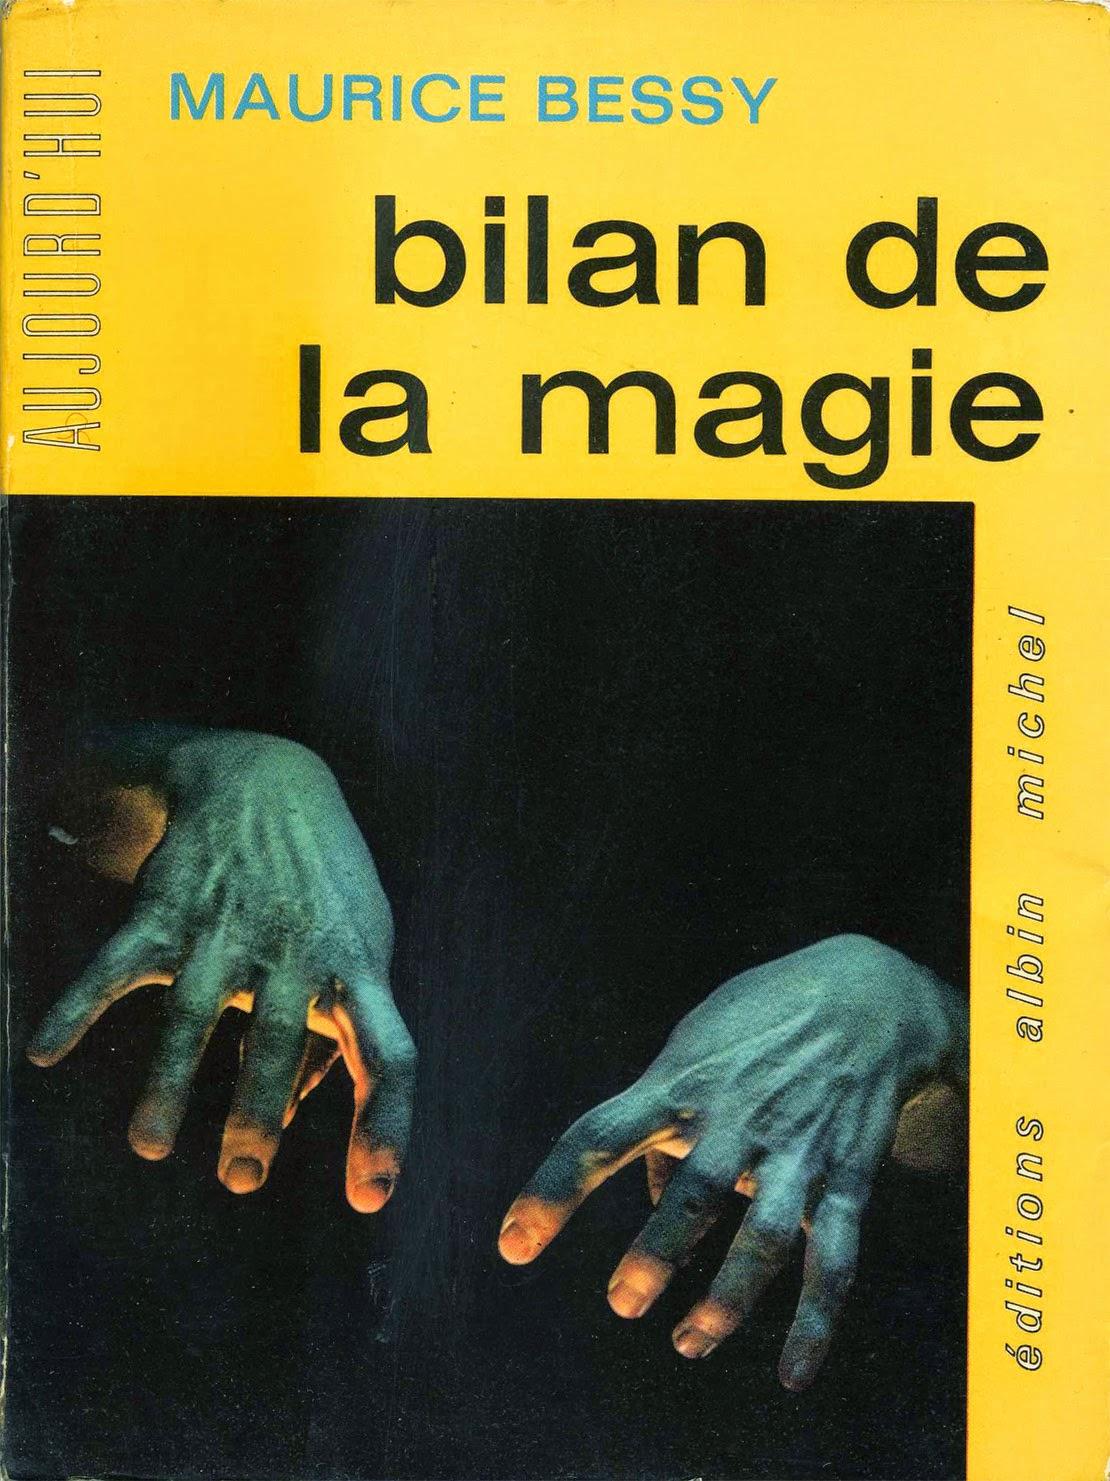 MAGIE NOIRE 1964